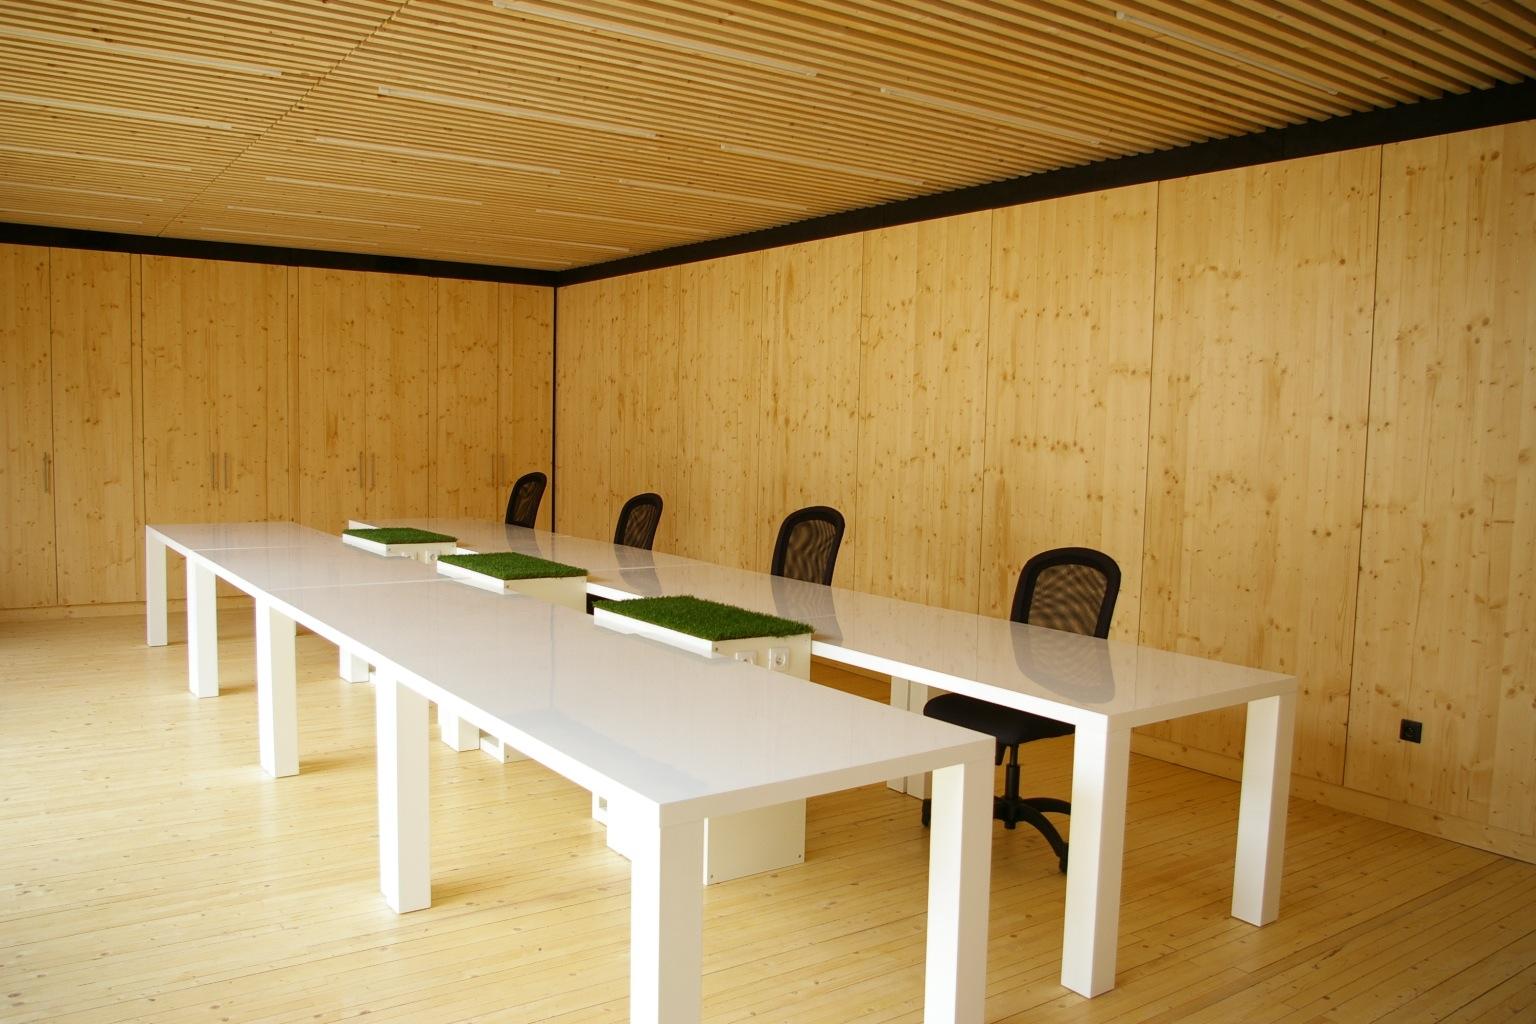 Un espace atypique ibureaubisontin for Espace atypique location